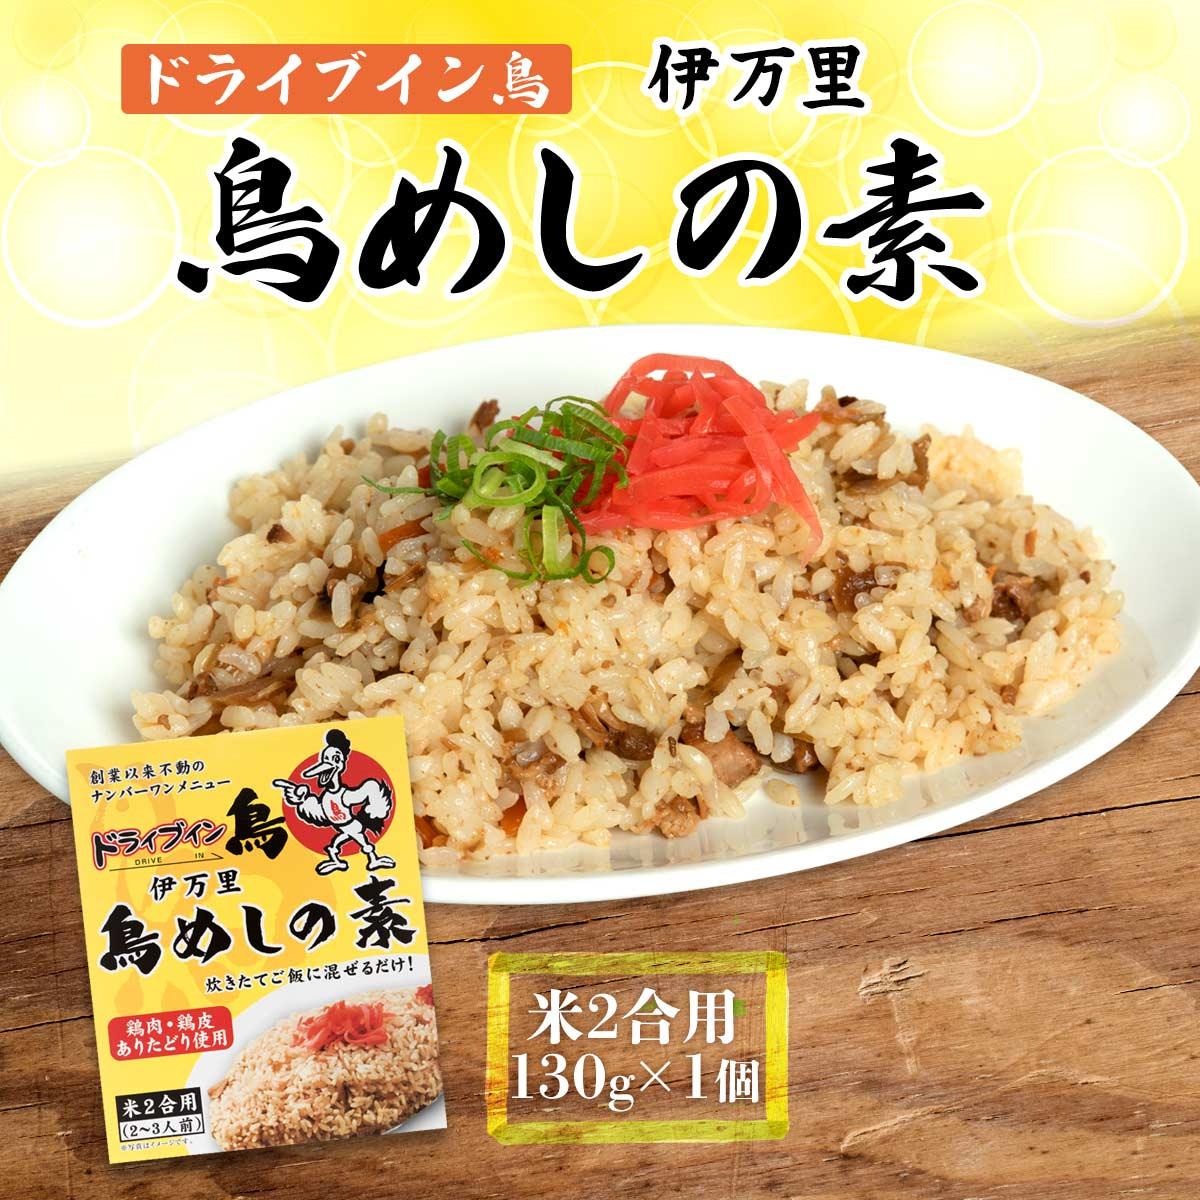 九州 店 佐賀 伊万里 ドライブイン鳥 鳥めしの素 鶏肉 人気ショップが最安値挑戦 アリウラ お土産 130g ギフト